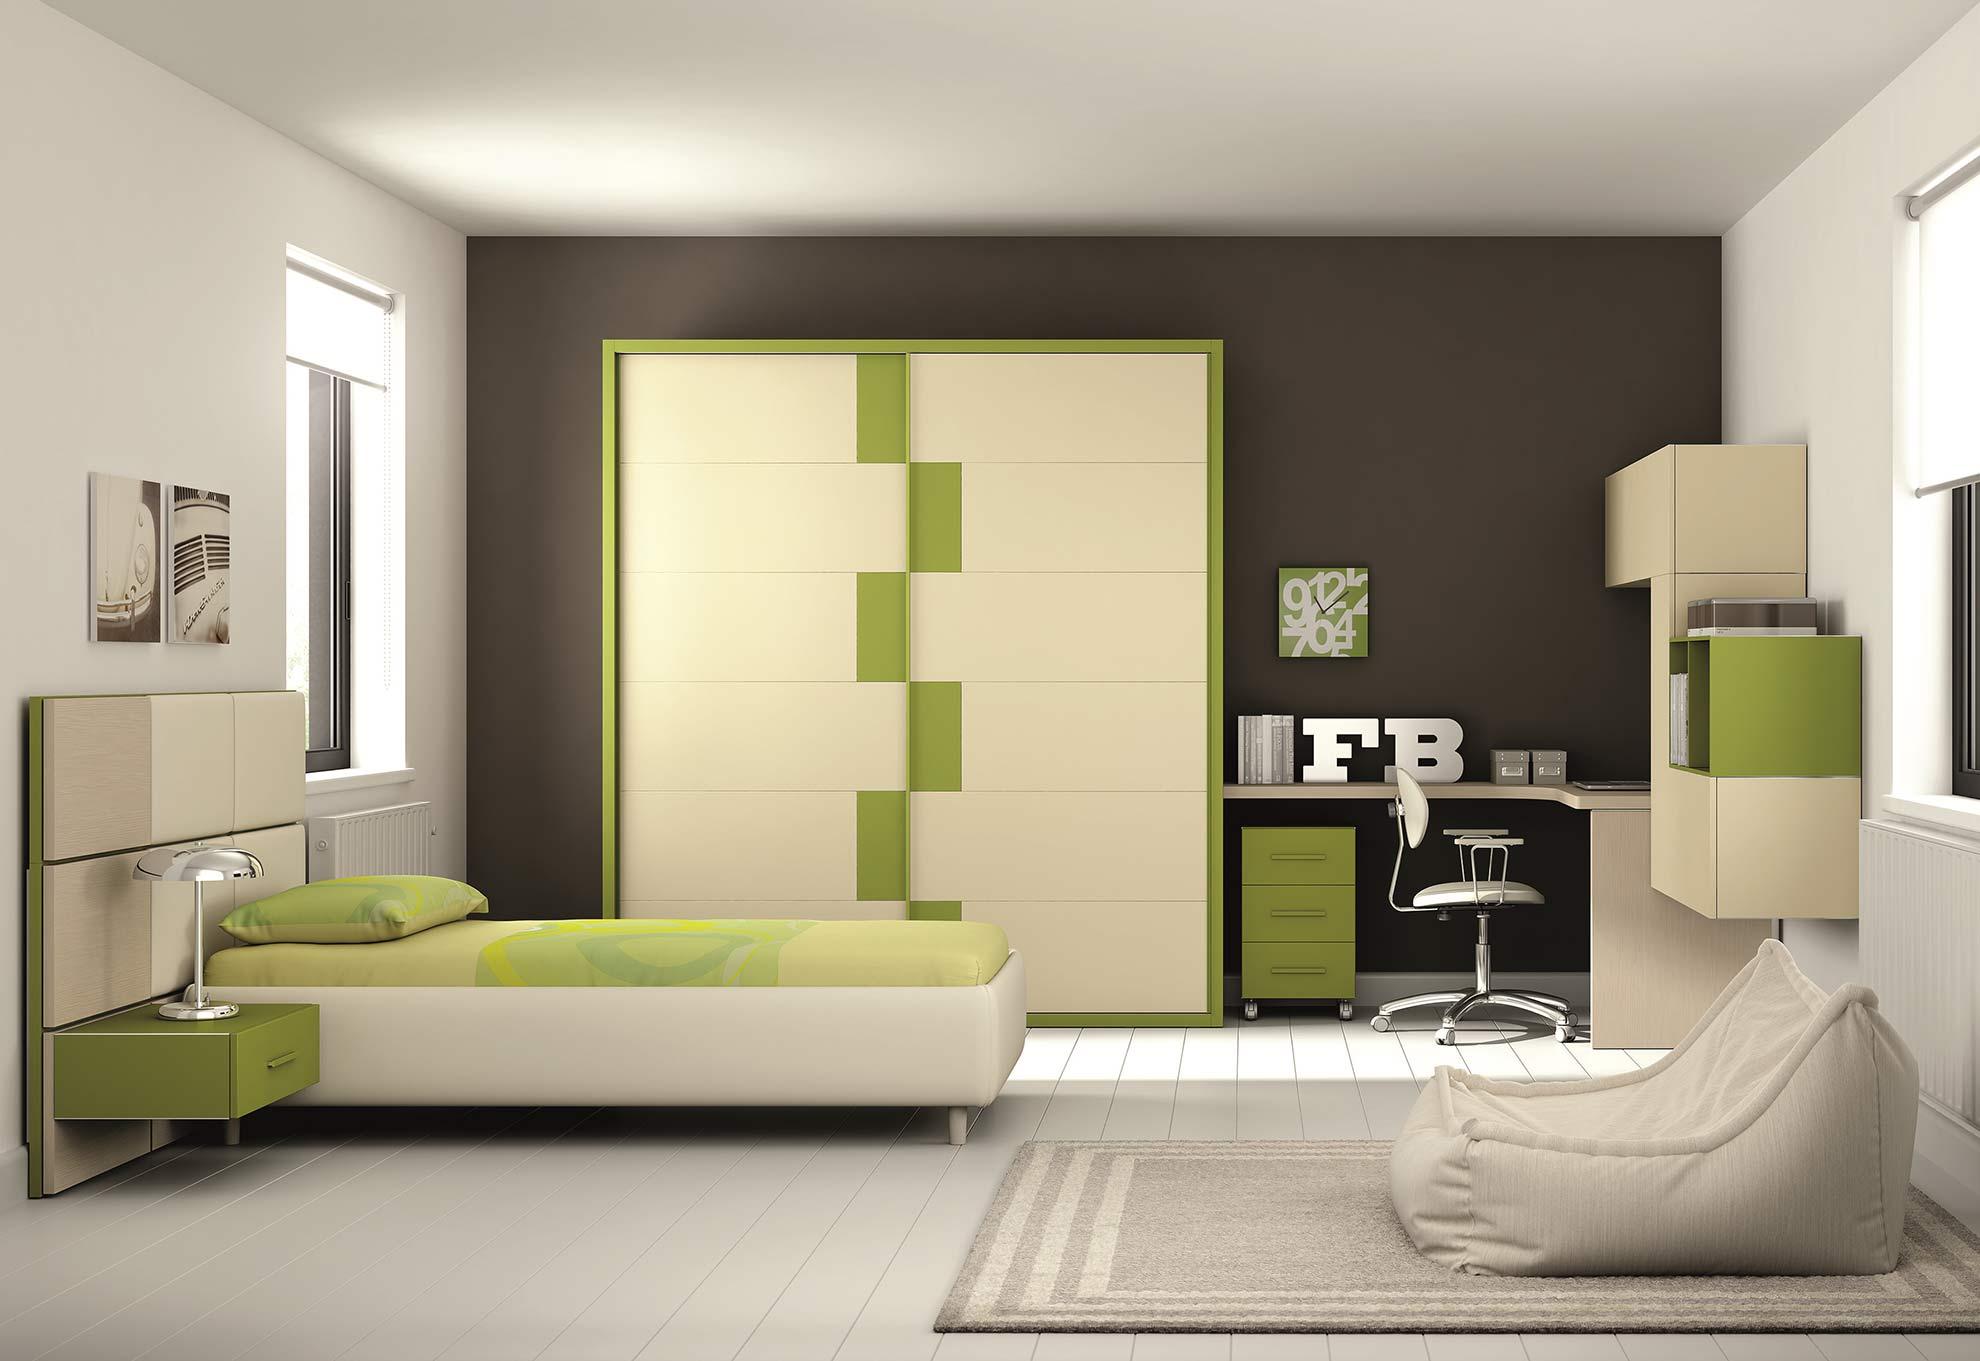 Camerette in stille moderno torino sumisura fabbrica for Camere da letto moderne prezzi mercatone uno